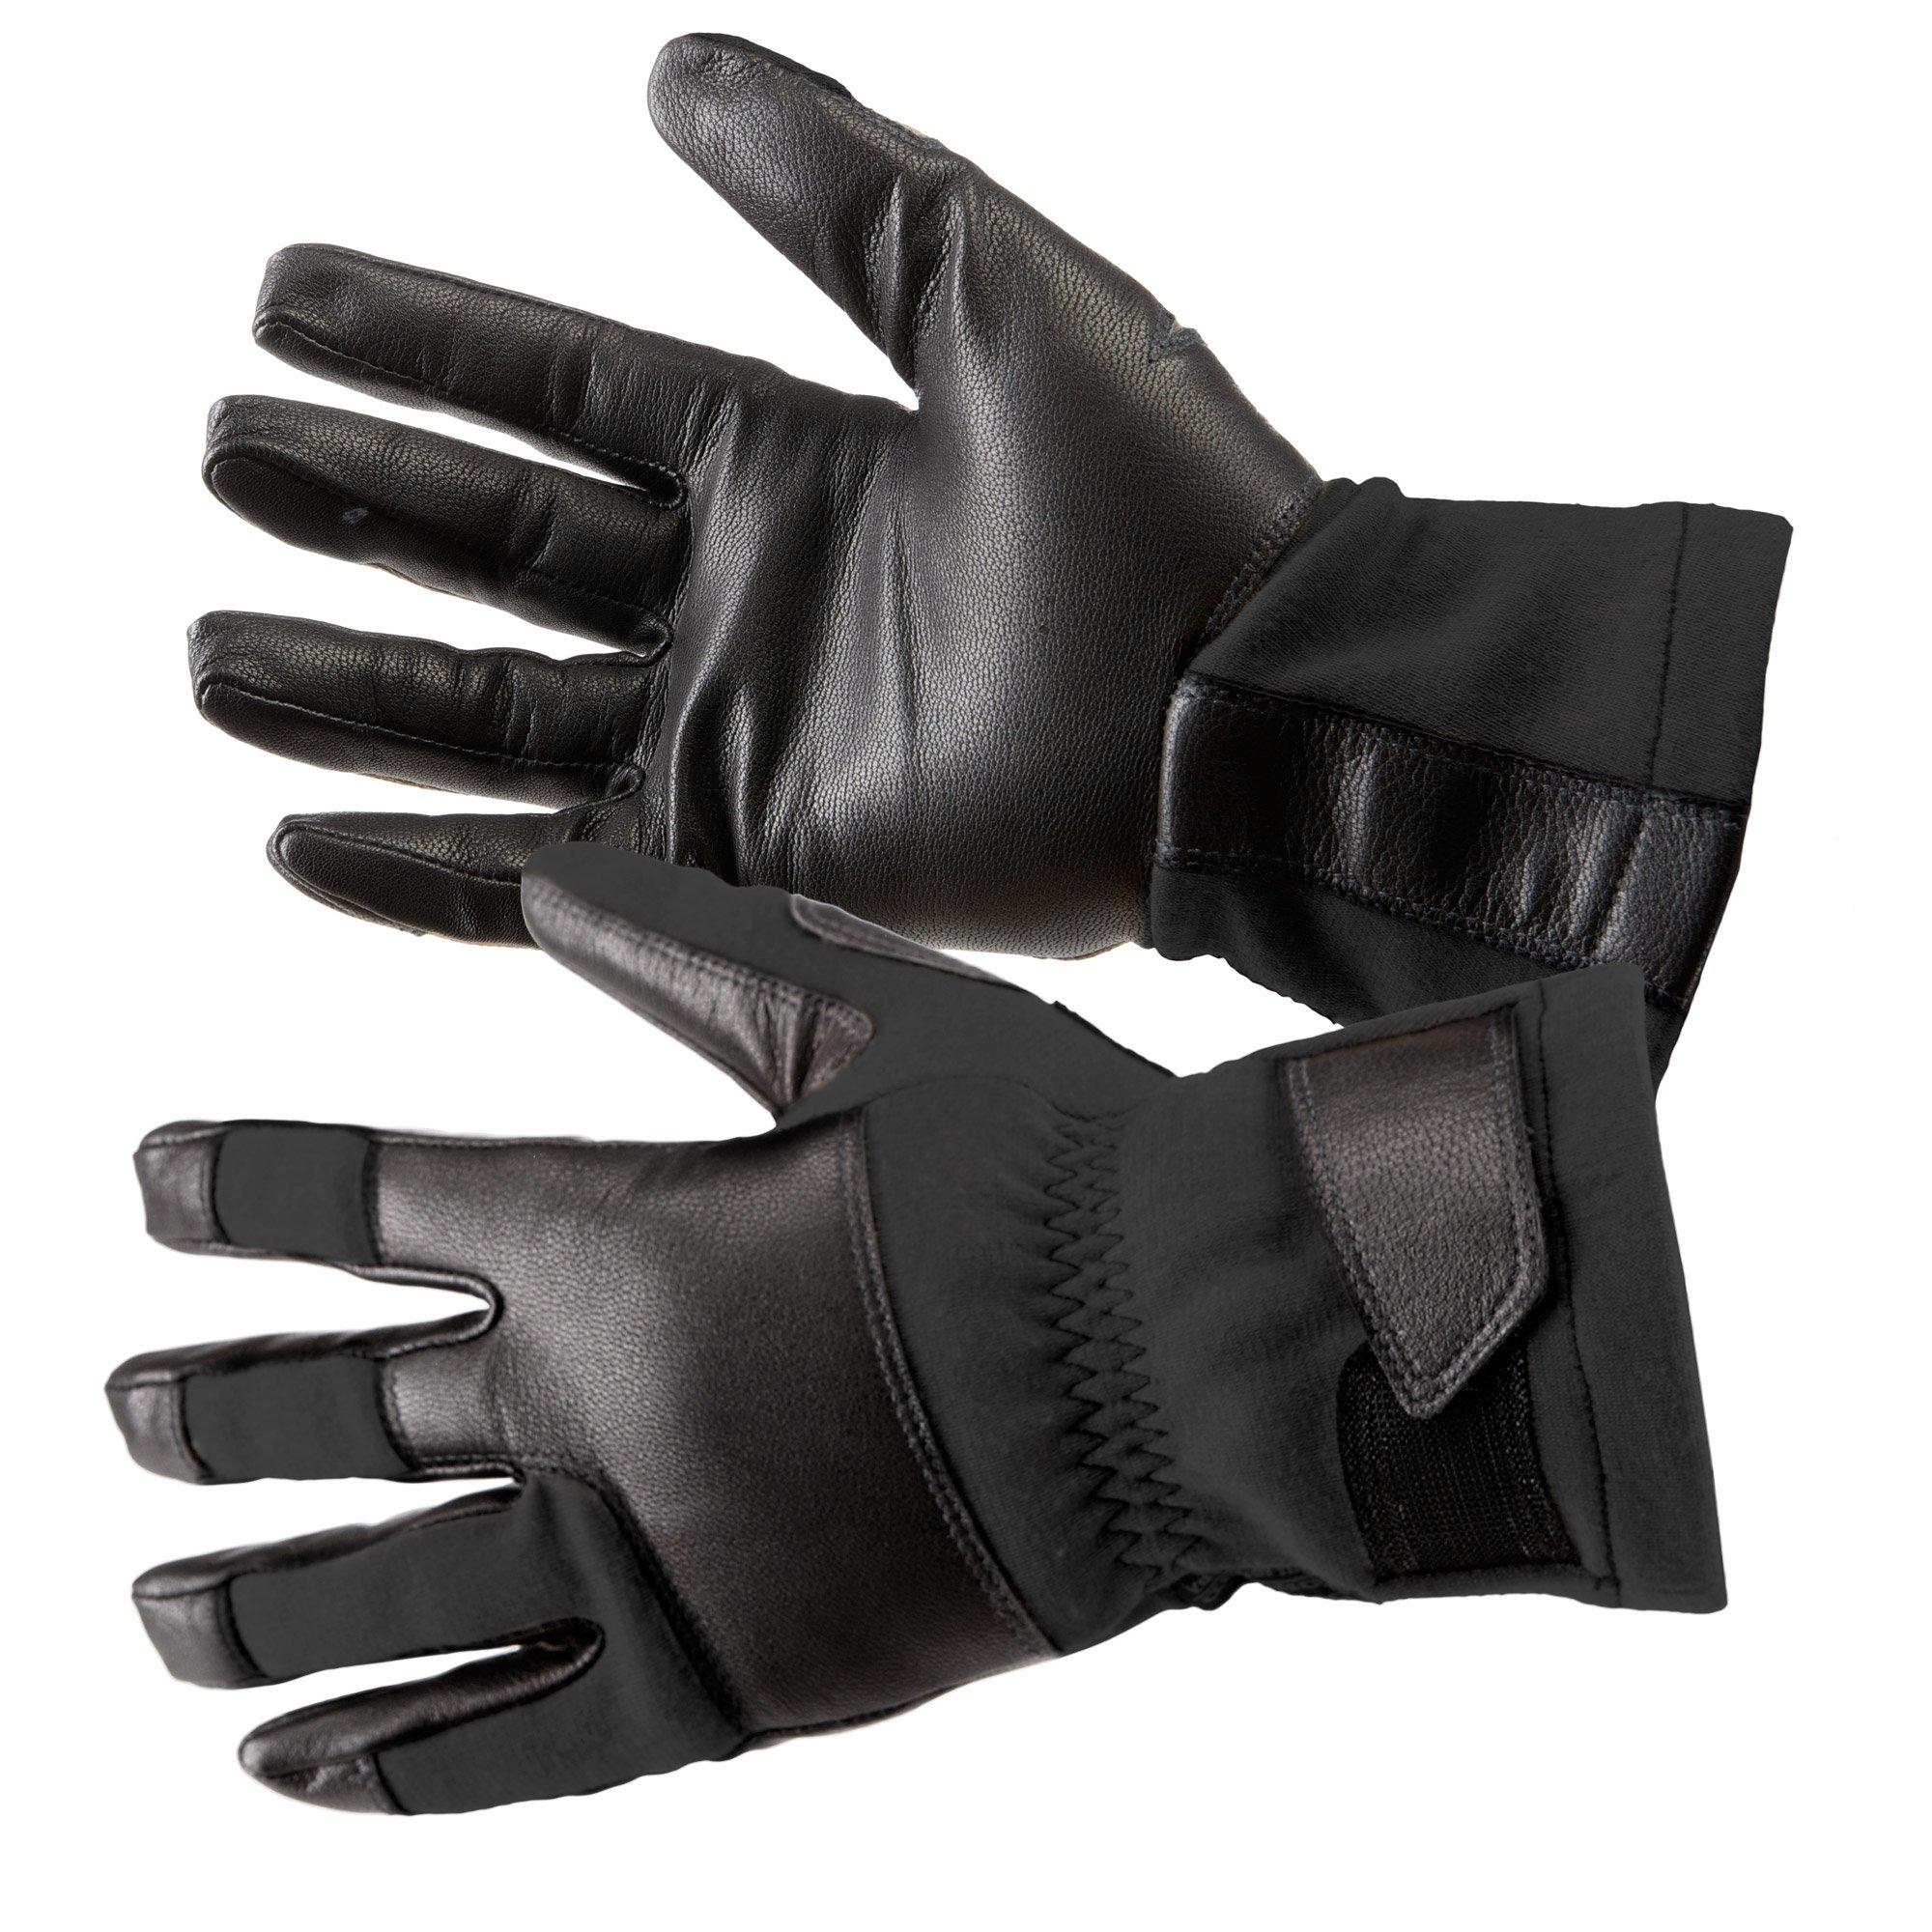 5.11 59361-019-S 269964-5.11 59361 Tac Nfoe2 Flight Glove, black, Small